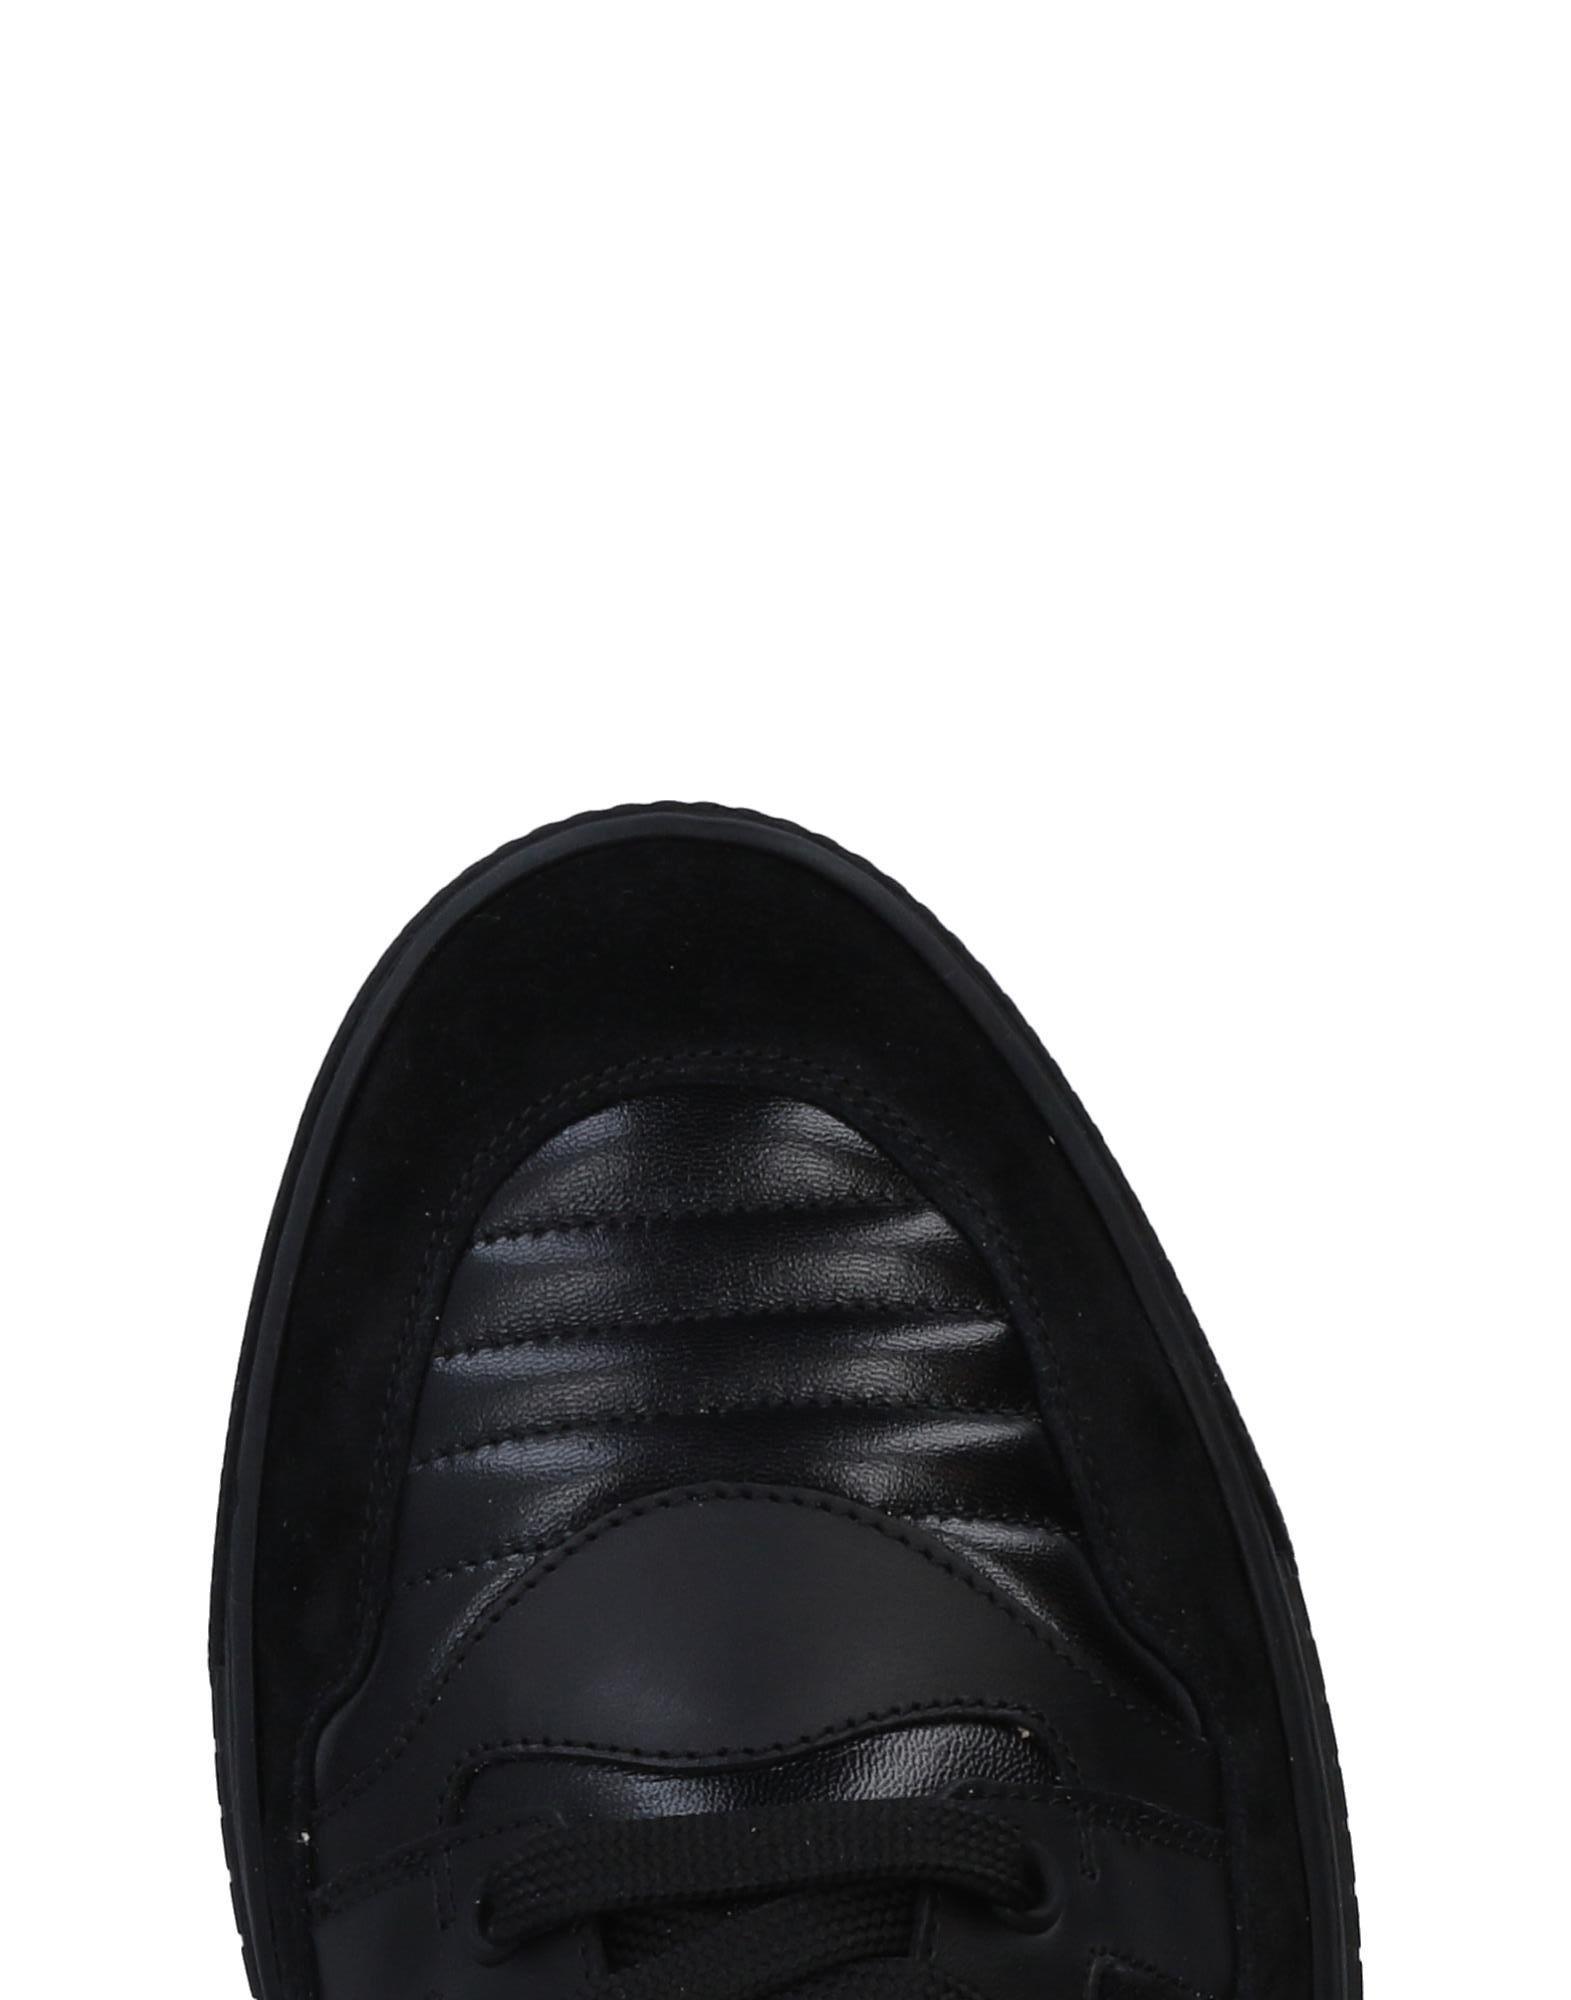 Versace 11461316PW Sneakers Herren  11461316PW Versace Gute Qualität beliebte Schuhe 0bb572